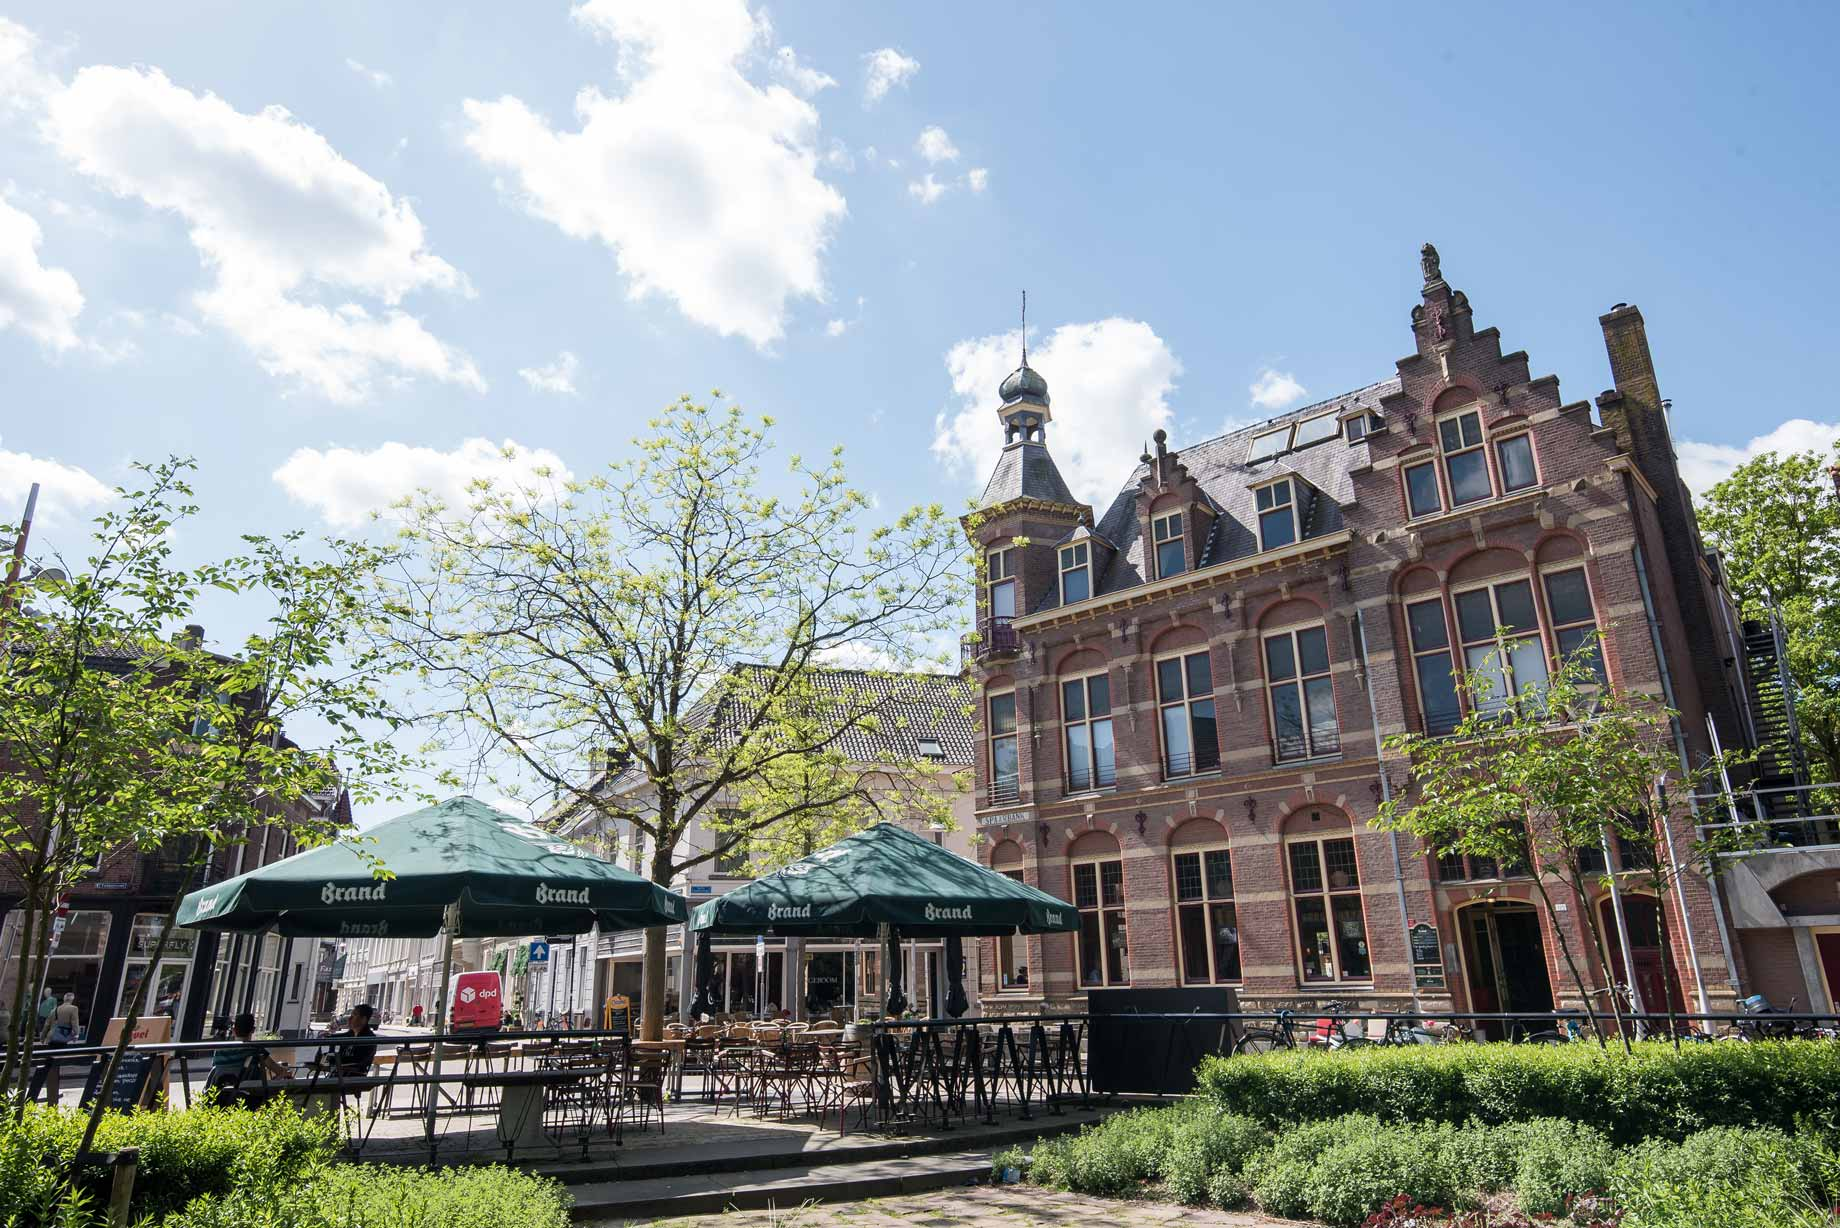 013 Straatjes - Spaarbank - Dwaalgebied Tilburg - Foto door William van der Voort